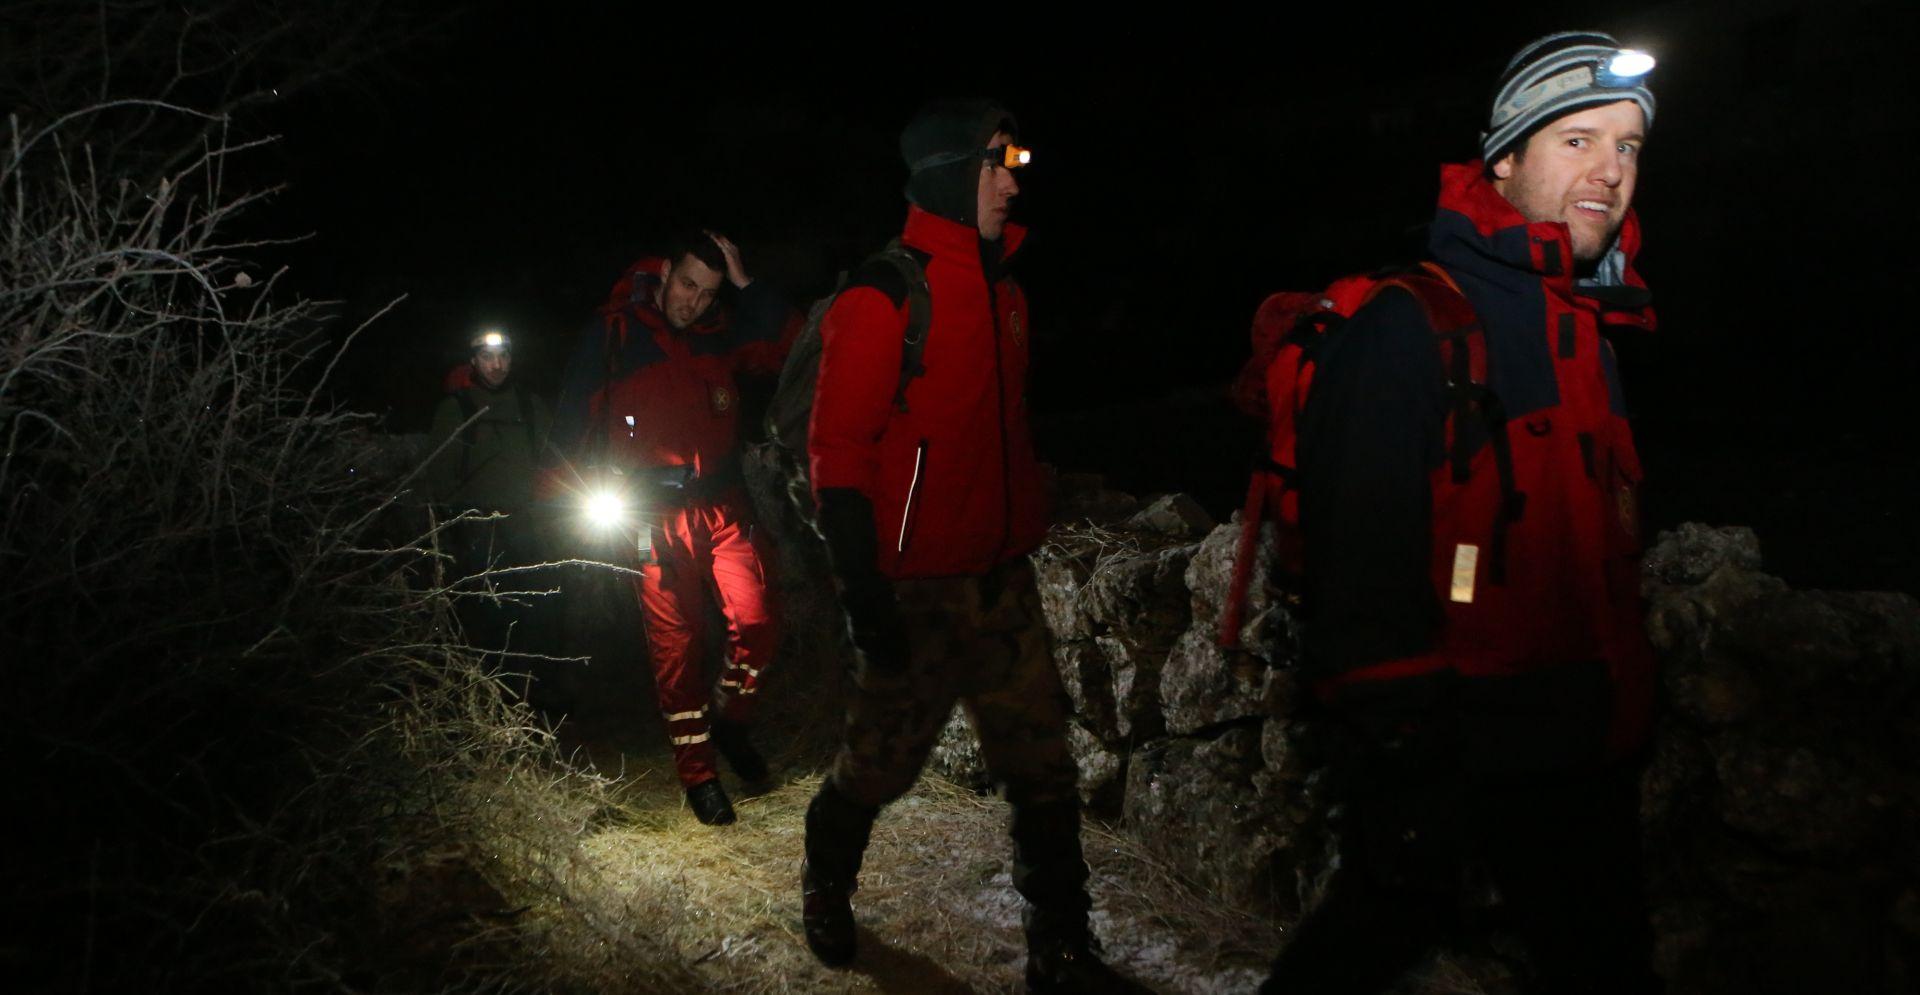 HGSS: Uspješno okončana potraga za tri osobe